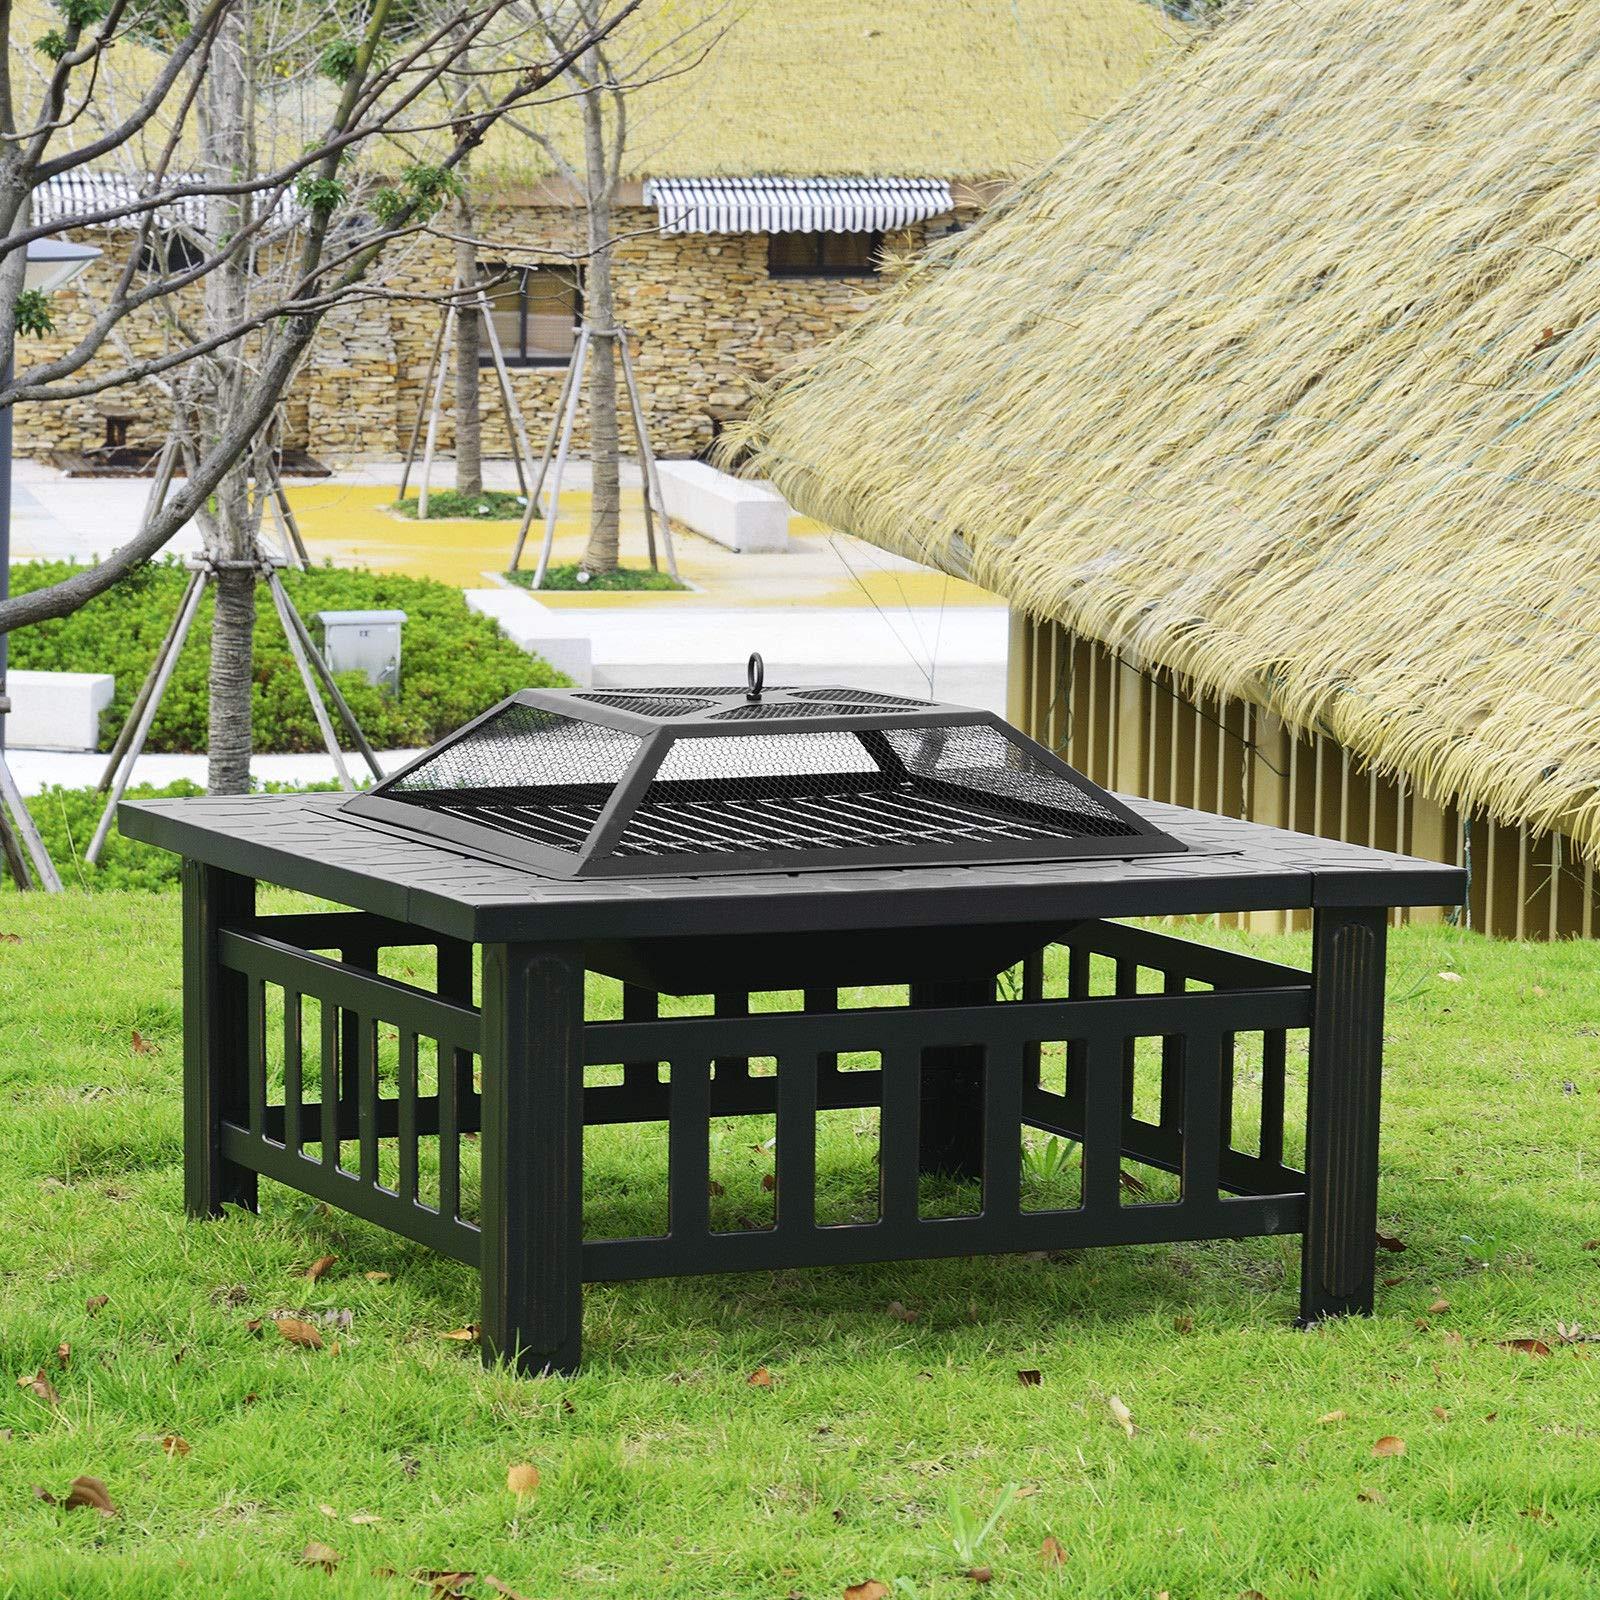 Lapha 3 en 1 Chimenea de jardín para Exterior, Patio, Metal, Estufa de Metal para jardín, Quemador Cuadrado de 32 Pulgadas, Cubierta de Malla Cuadrada para Hoguera de jardín: Amazon.es: Jardín